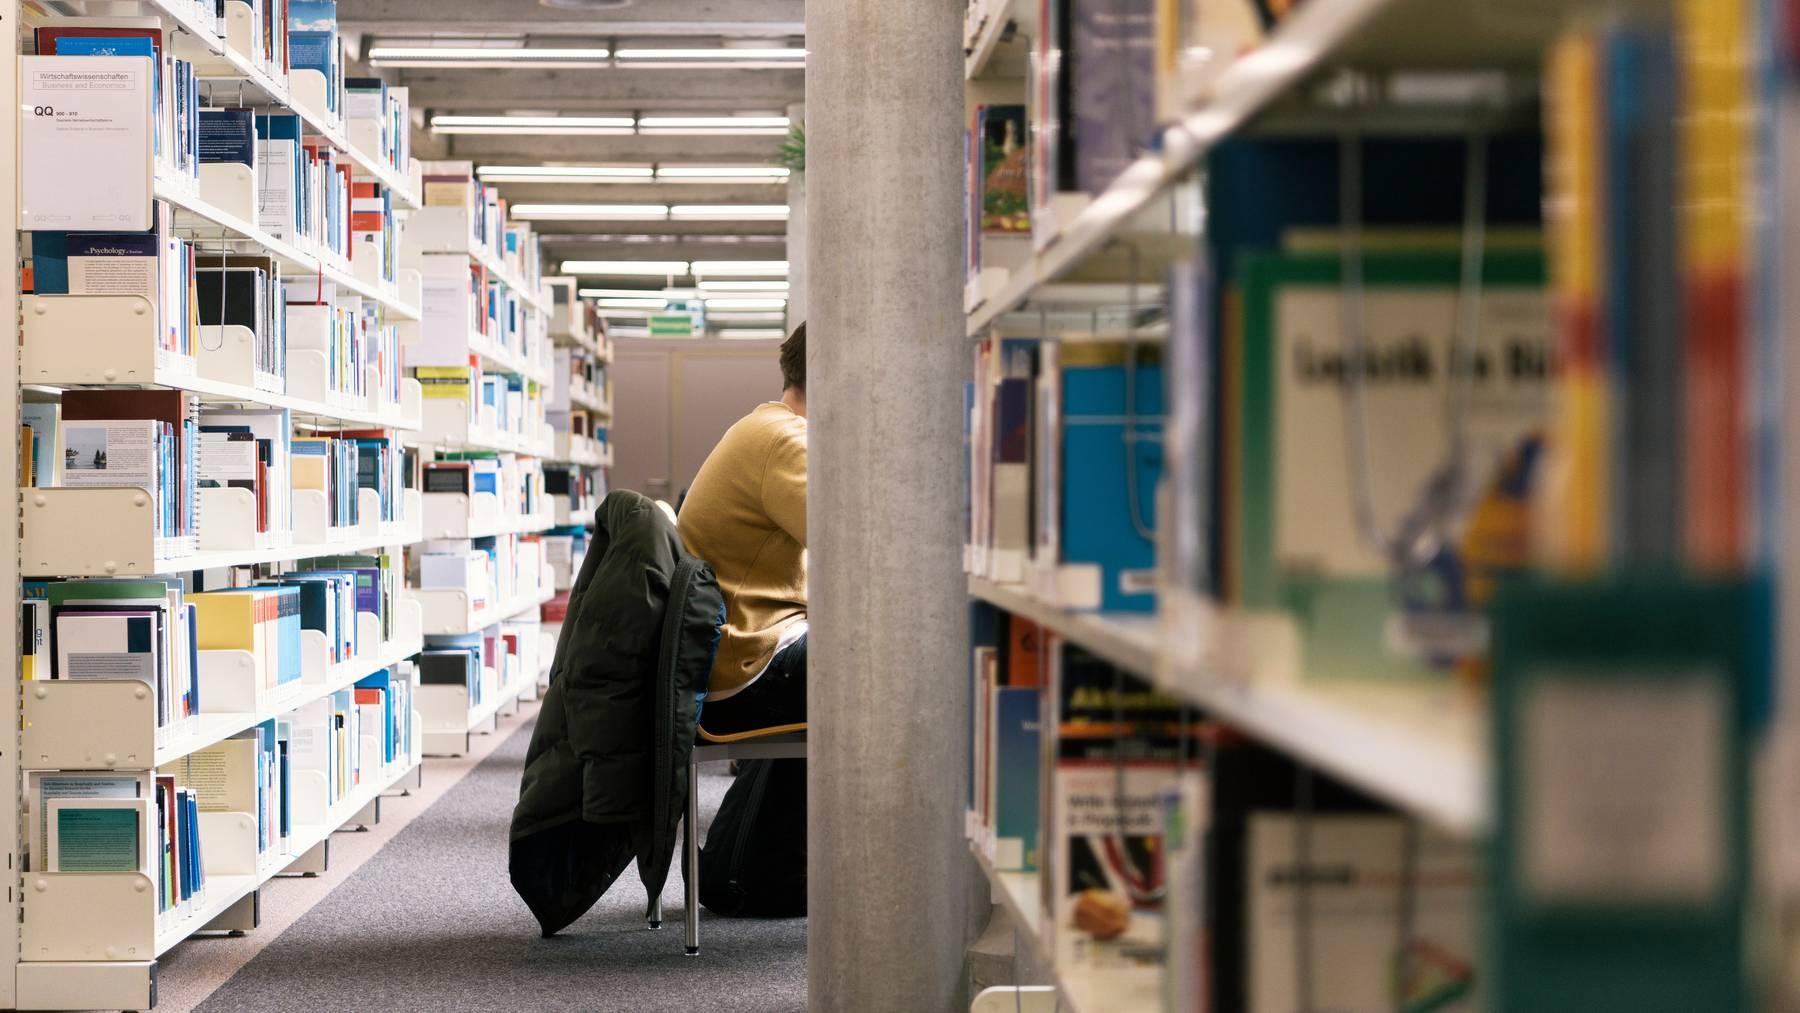 Einfacher Recherchieren: Mit Swisscovery haben Nutzer Zugriff auf über 40 Millionen Bücher und 3 Milliarden elektronische Artikel. (Symbolbild)